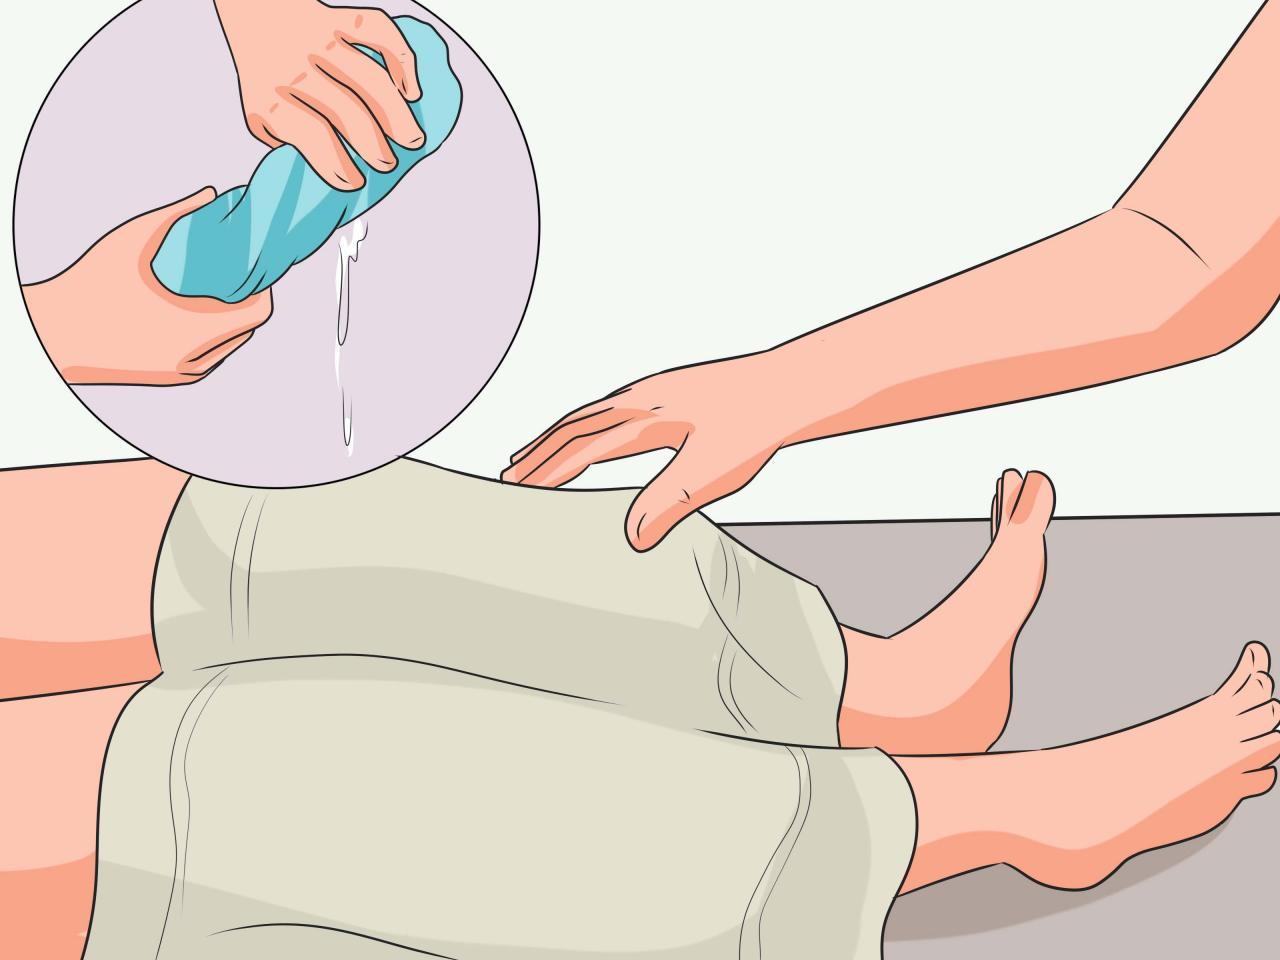 صورة علاج حروق الماء الساخن , اتعلمي اسعفي نفسك